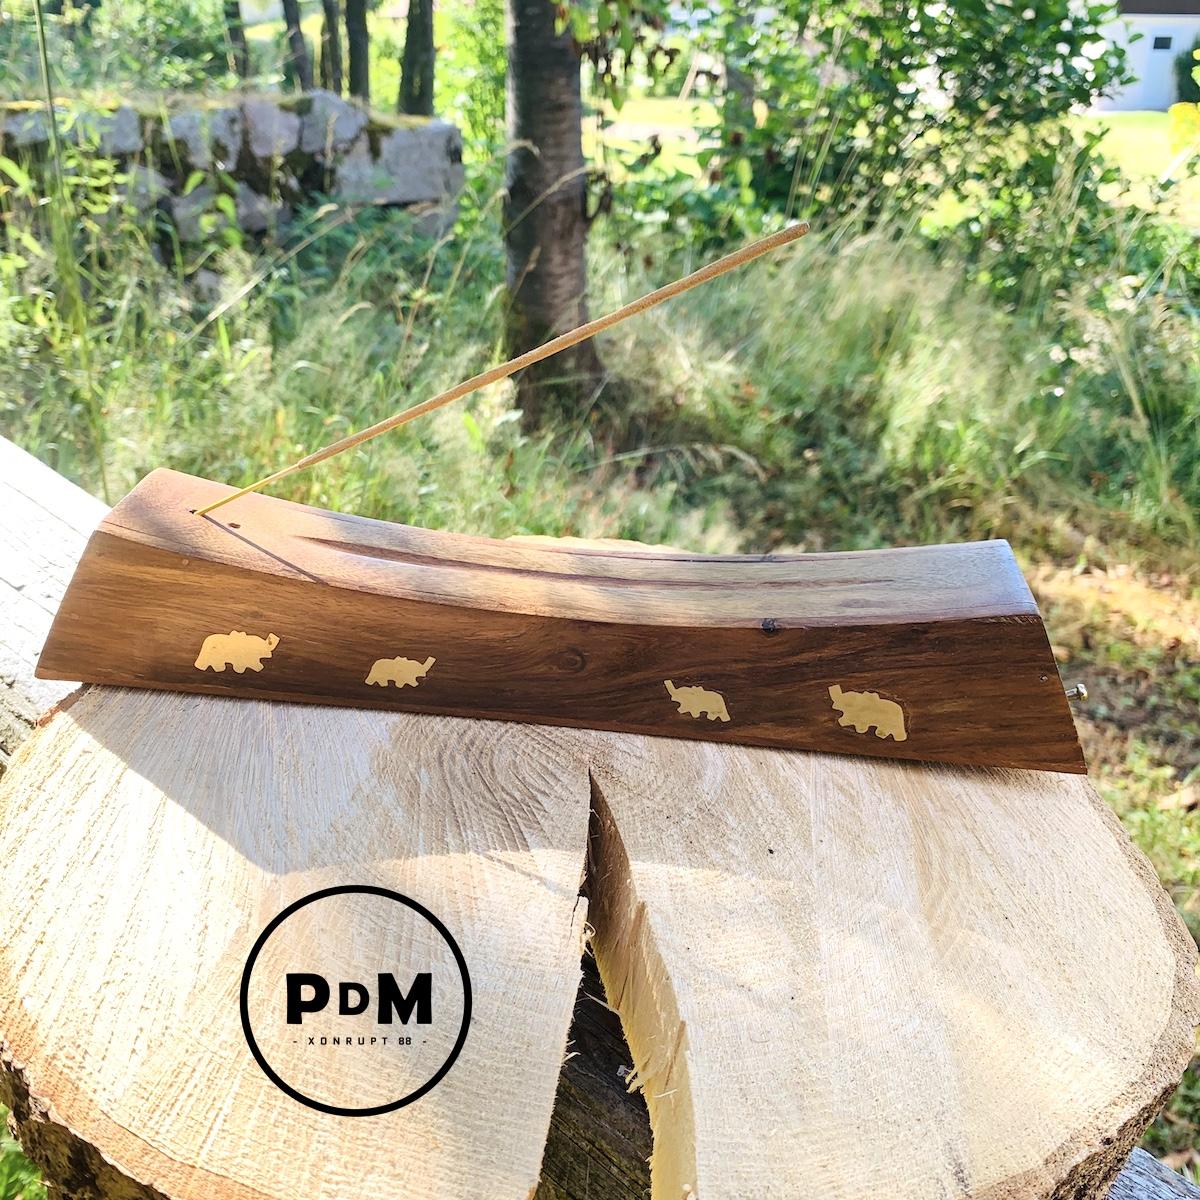 Porte encens motif éléphant en bois Longueur 31 cm